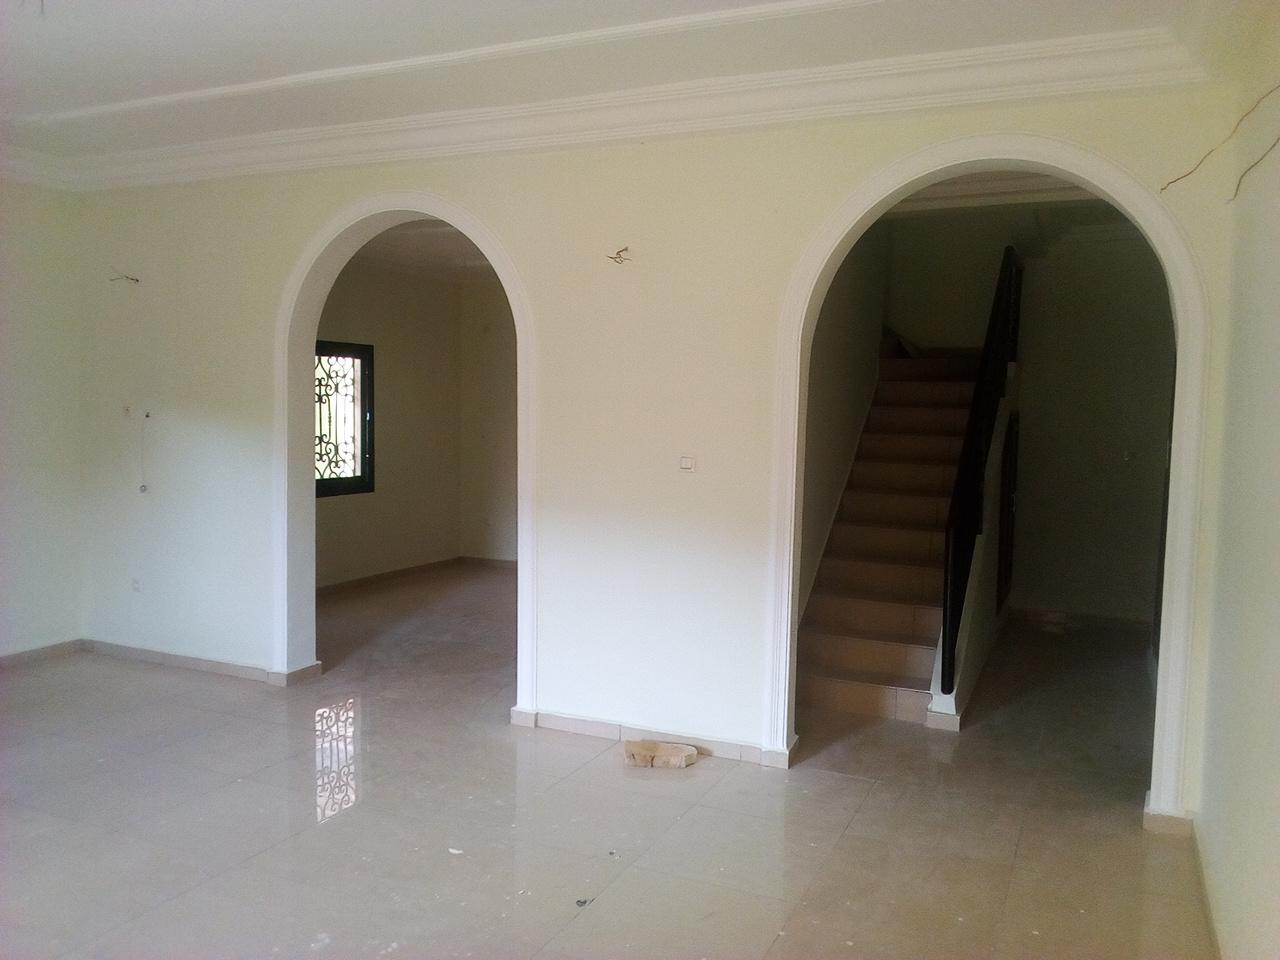 Appartement à louer - Yaoundé, Bastos, appartement duplex pas loin du golf - 1 salon(s), 4 chambre(s), 4 salle(s) de bains - 1 500 000 FCFA / mois